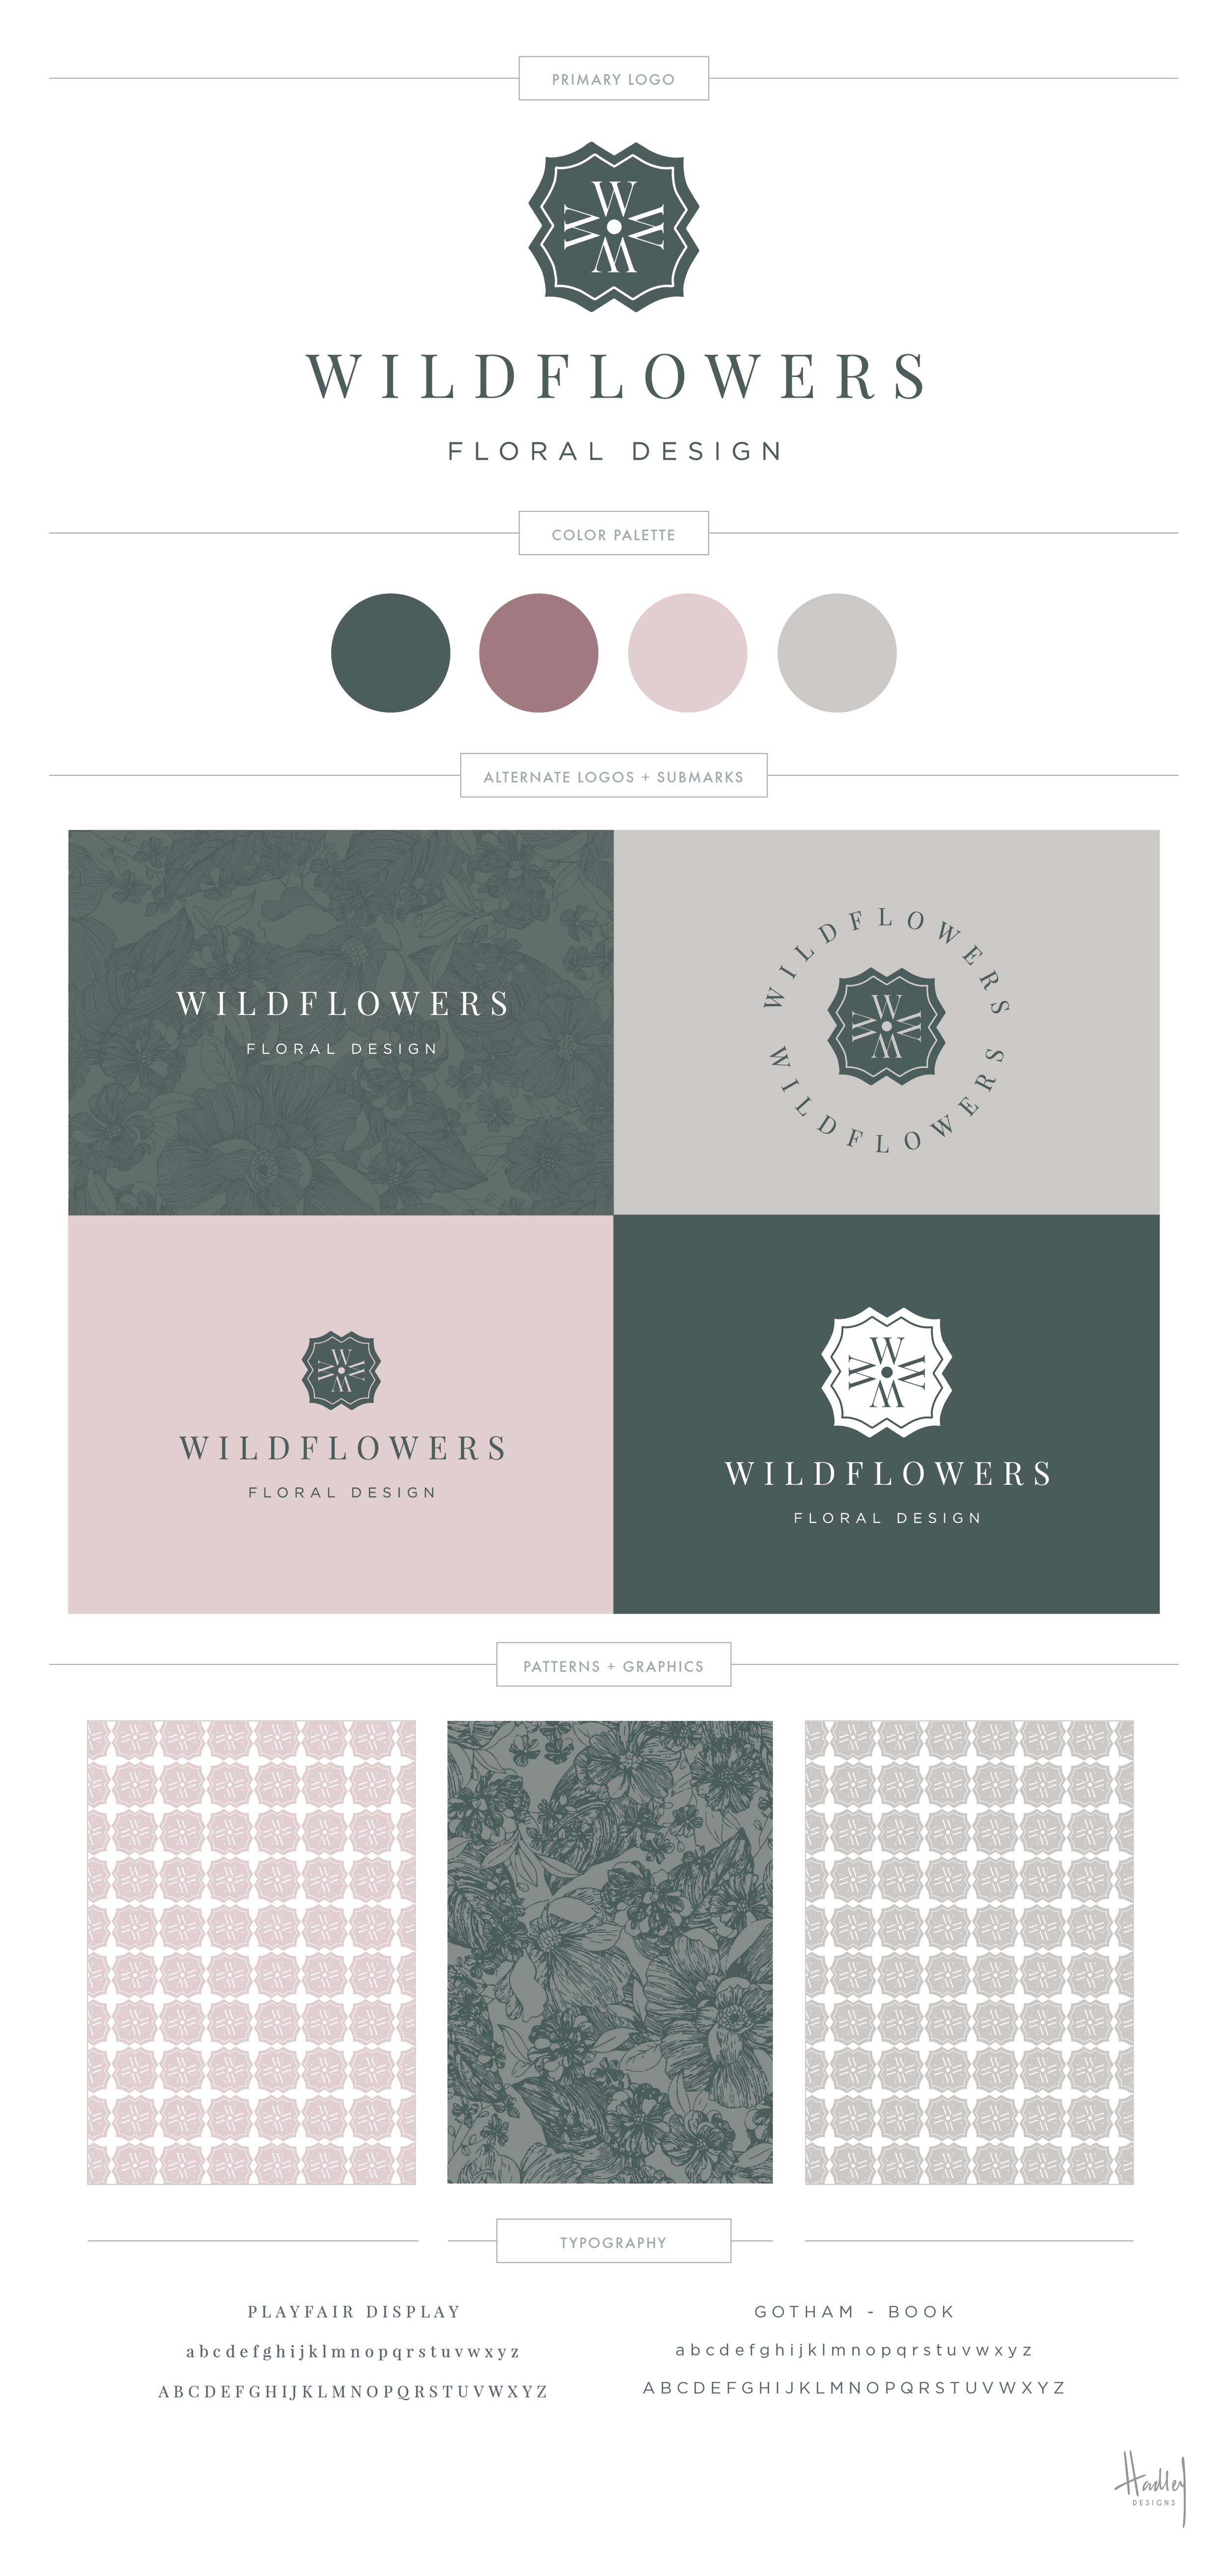 Wildflowers_Branding2.png